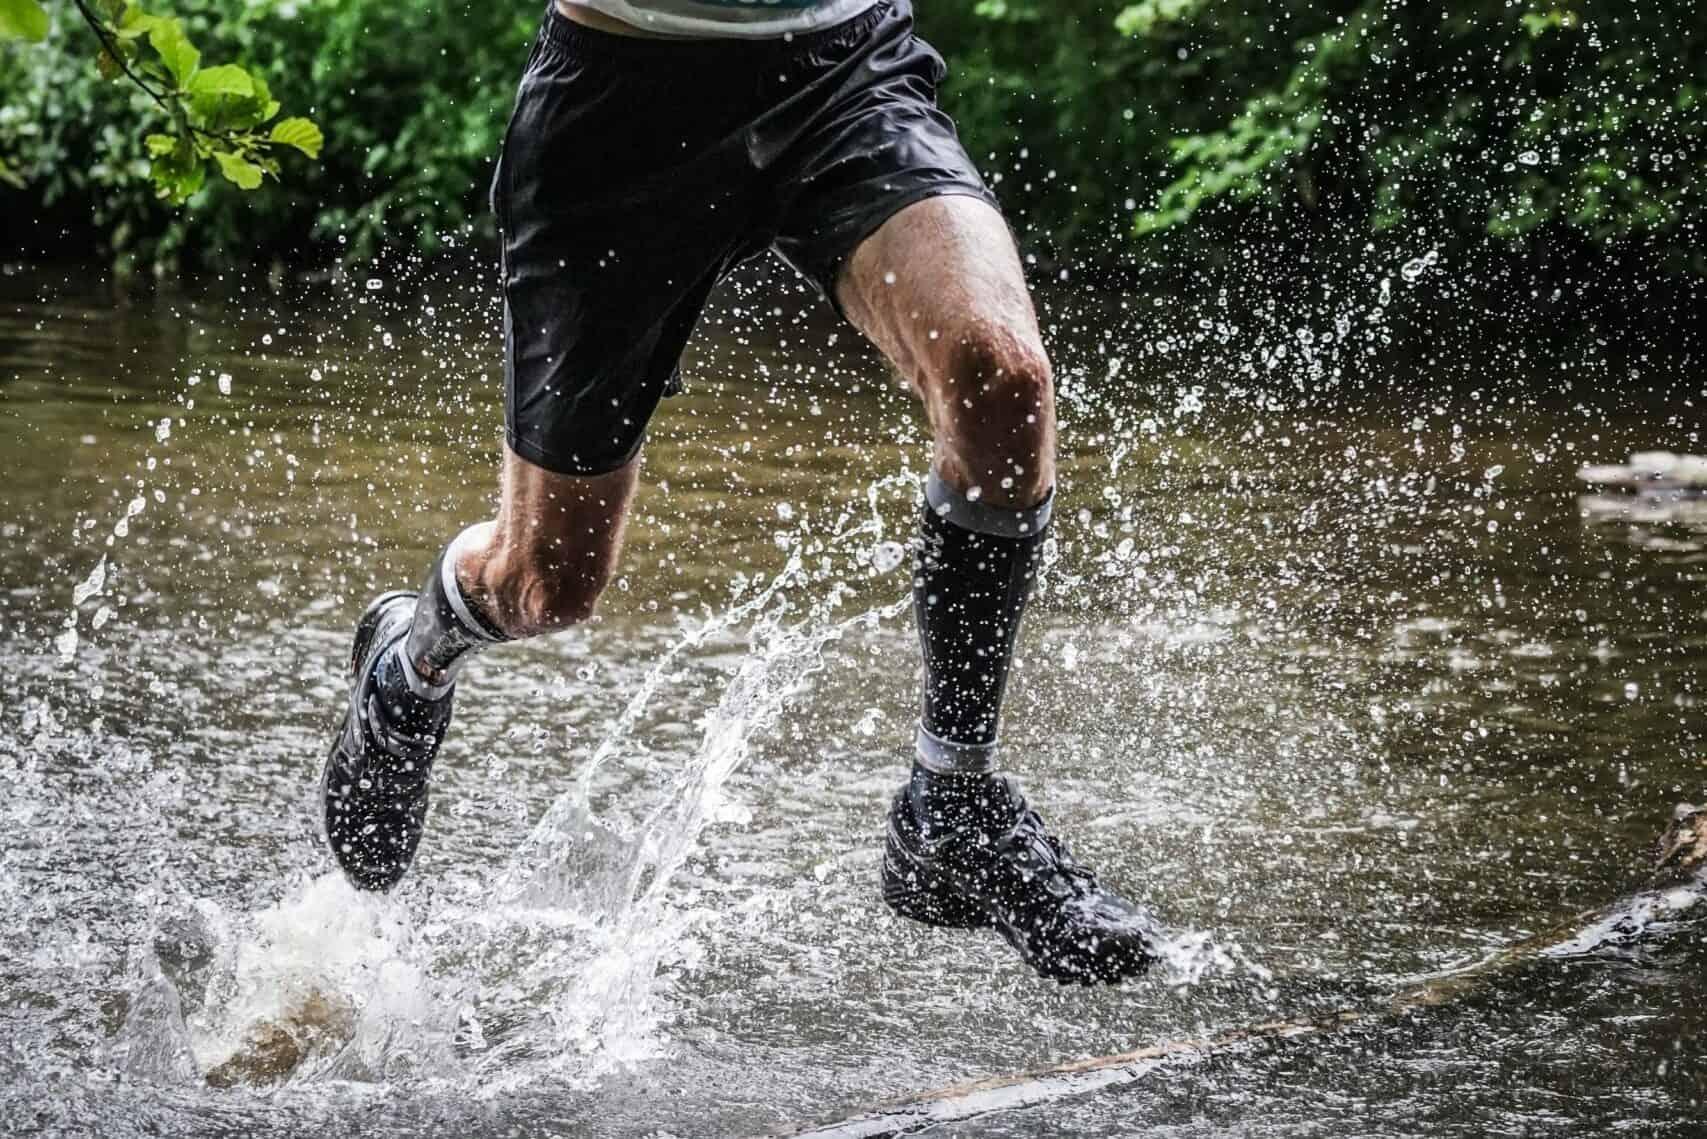 trailrun water